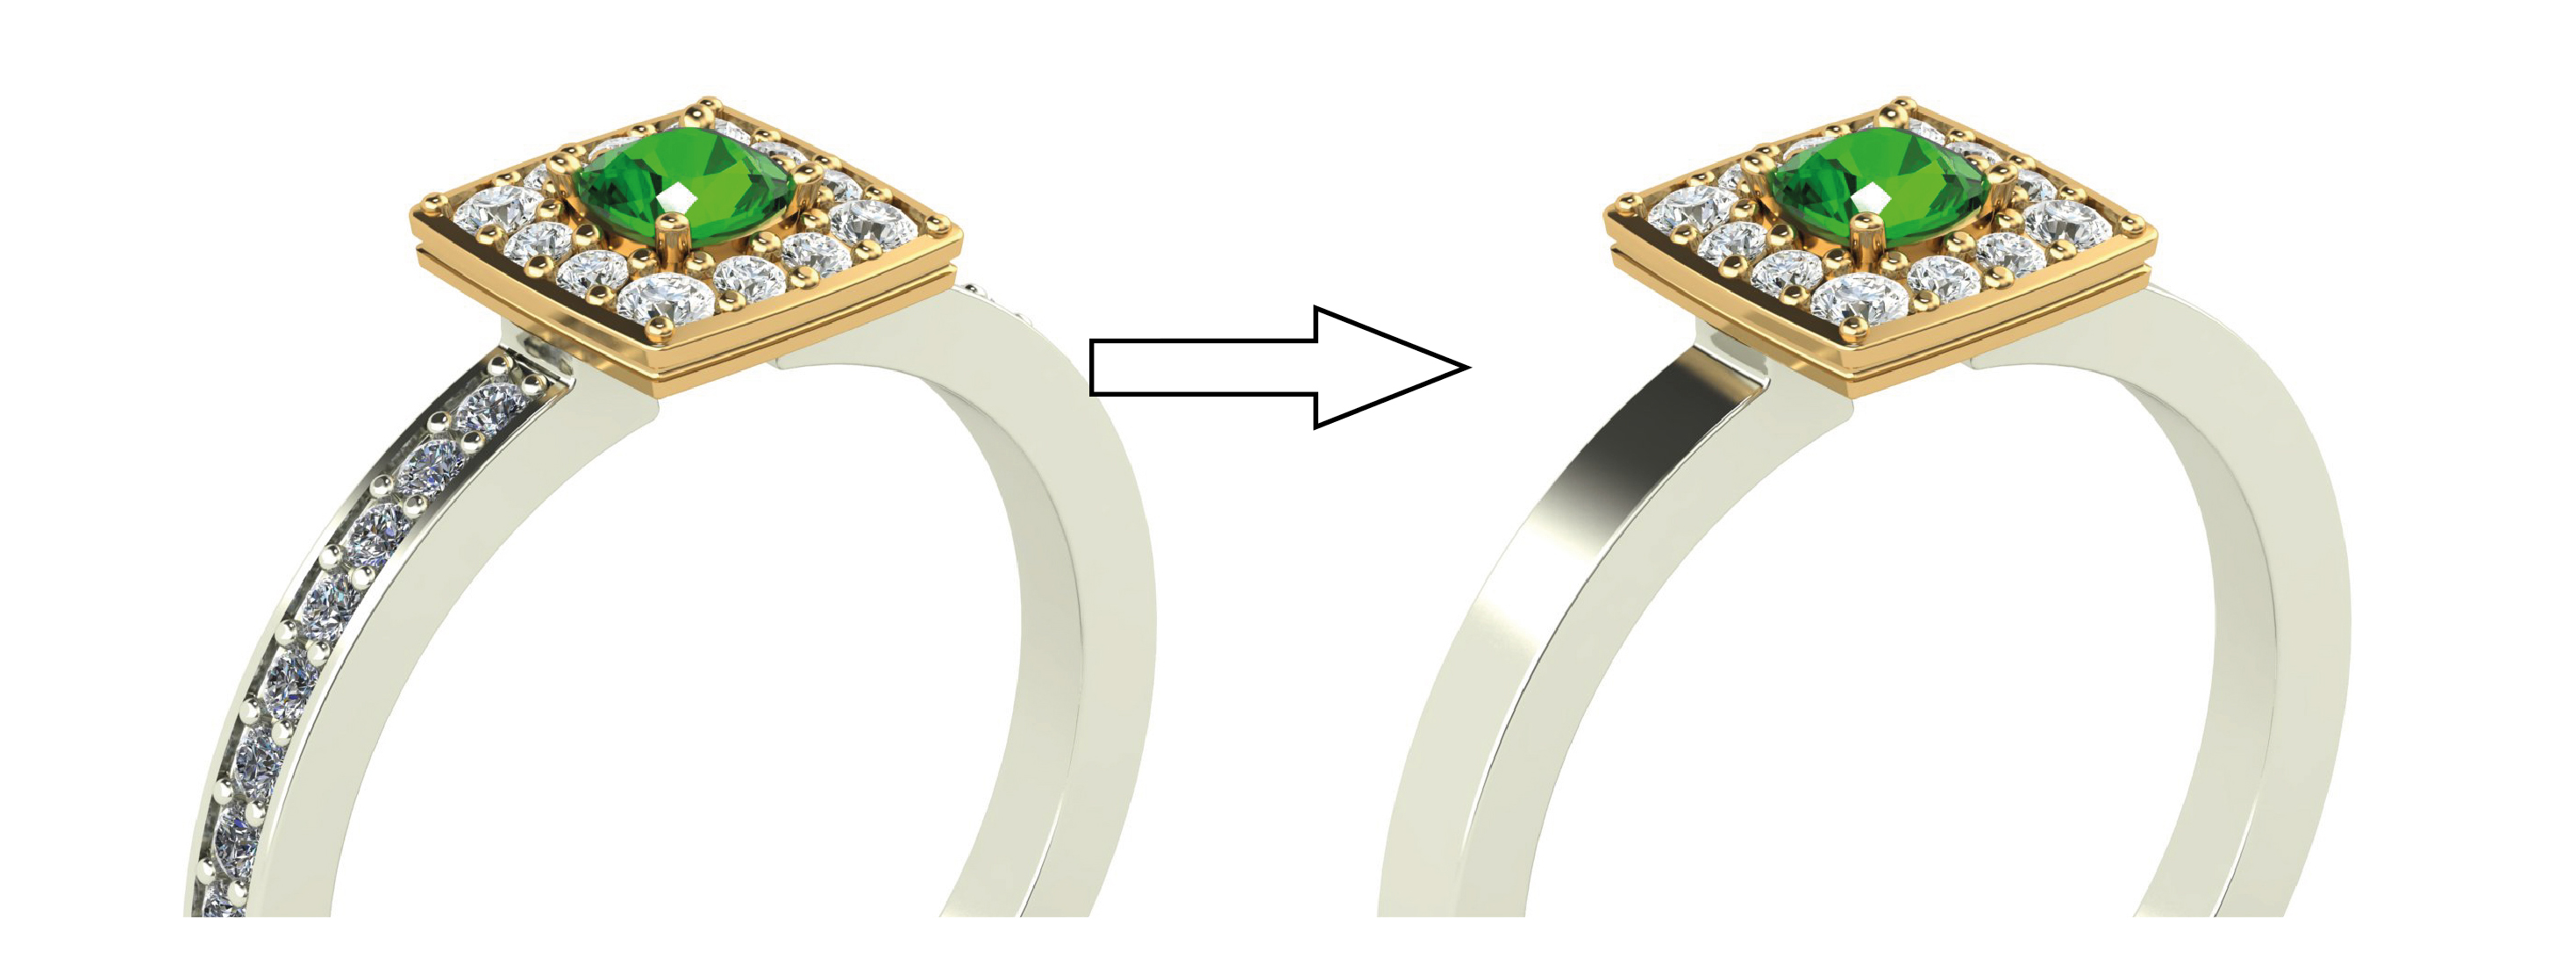 adding or removing shoulder pave - custom wedding ring design